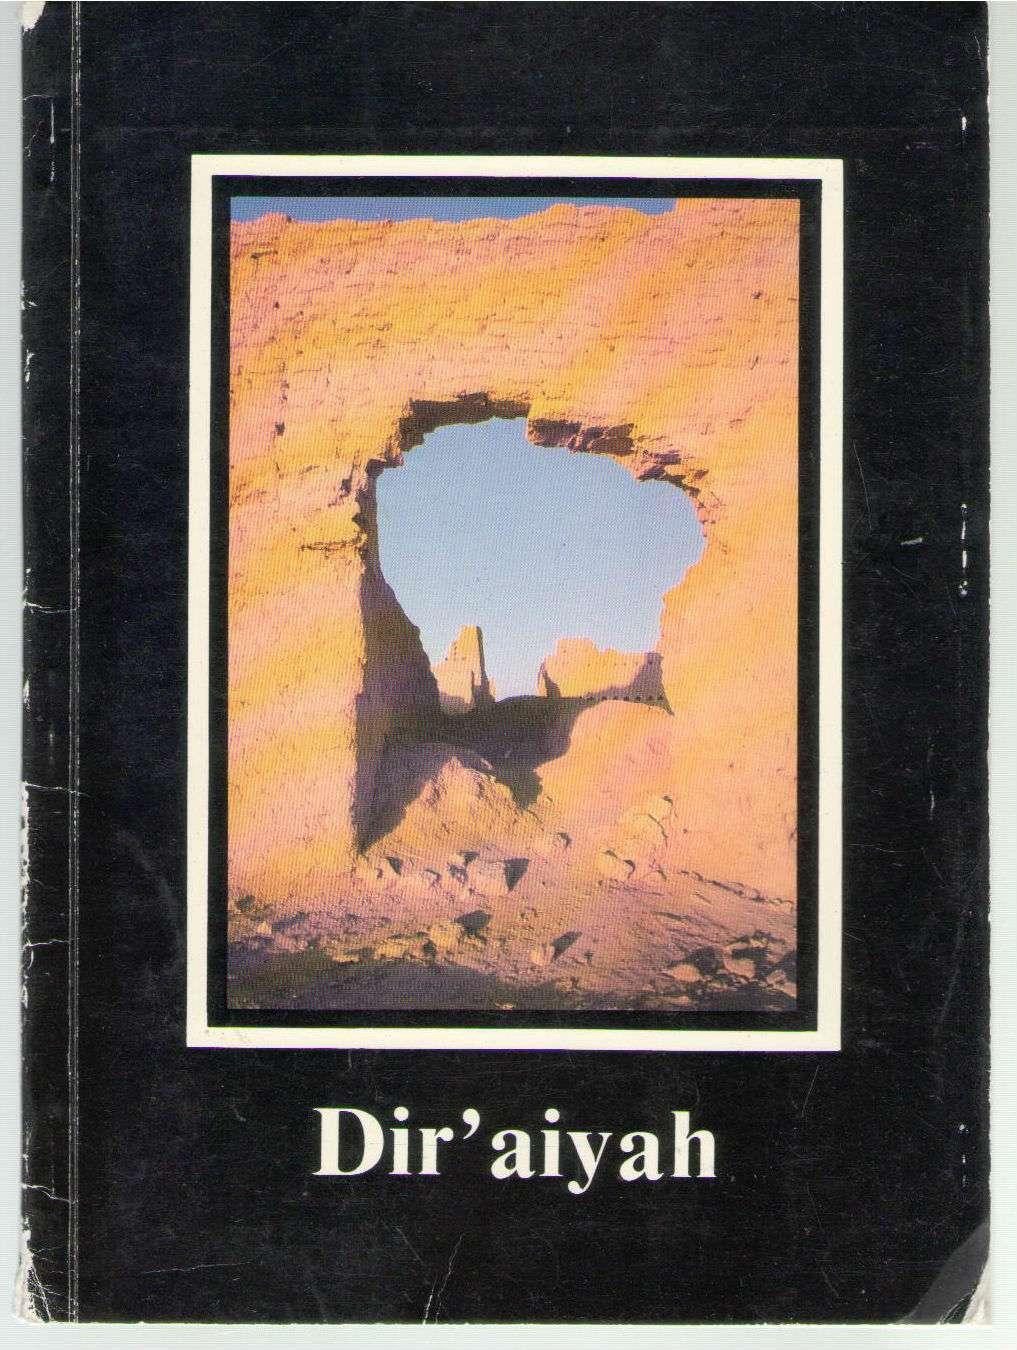 Guidebook to the Ruins in Dir'aiyah, Wilberding, Stevie